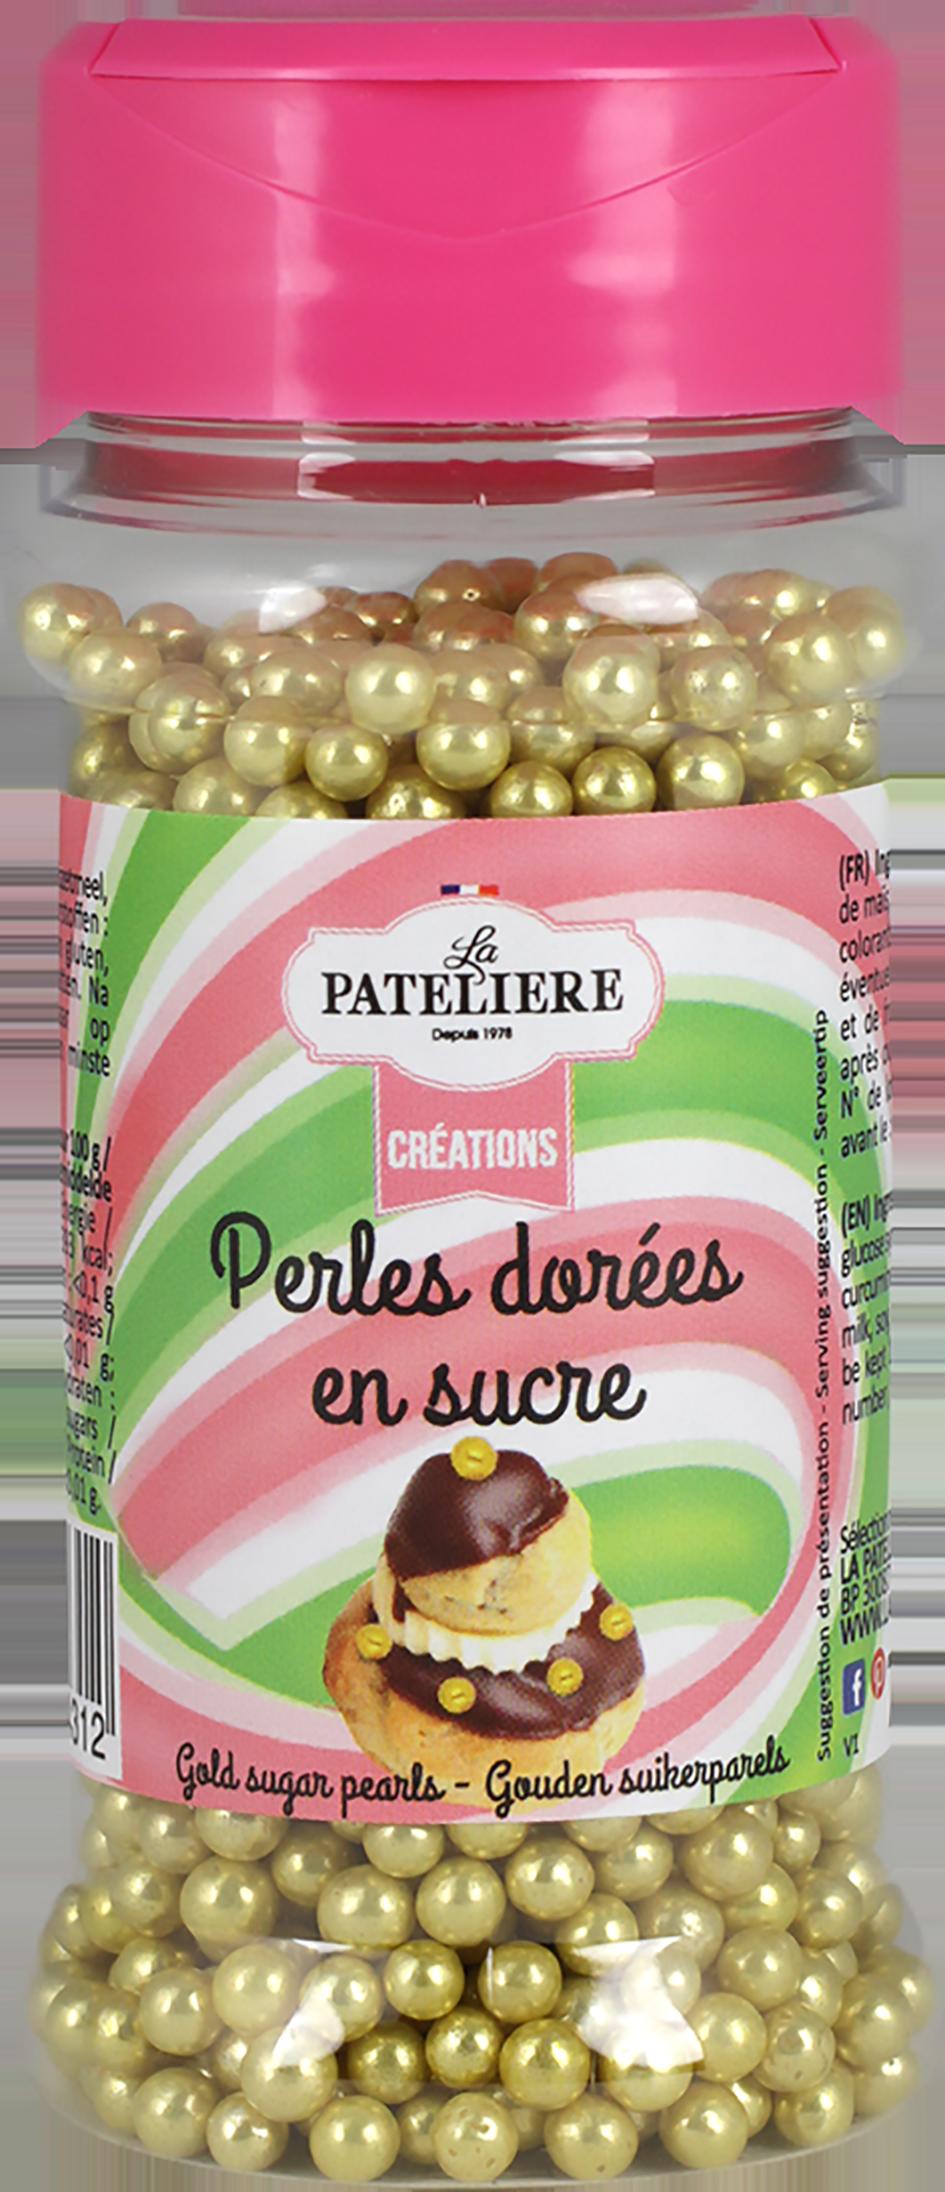 Perles dorées décoration cake design LA PATELIERE